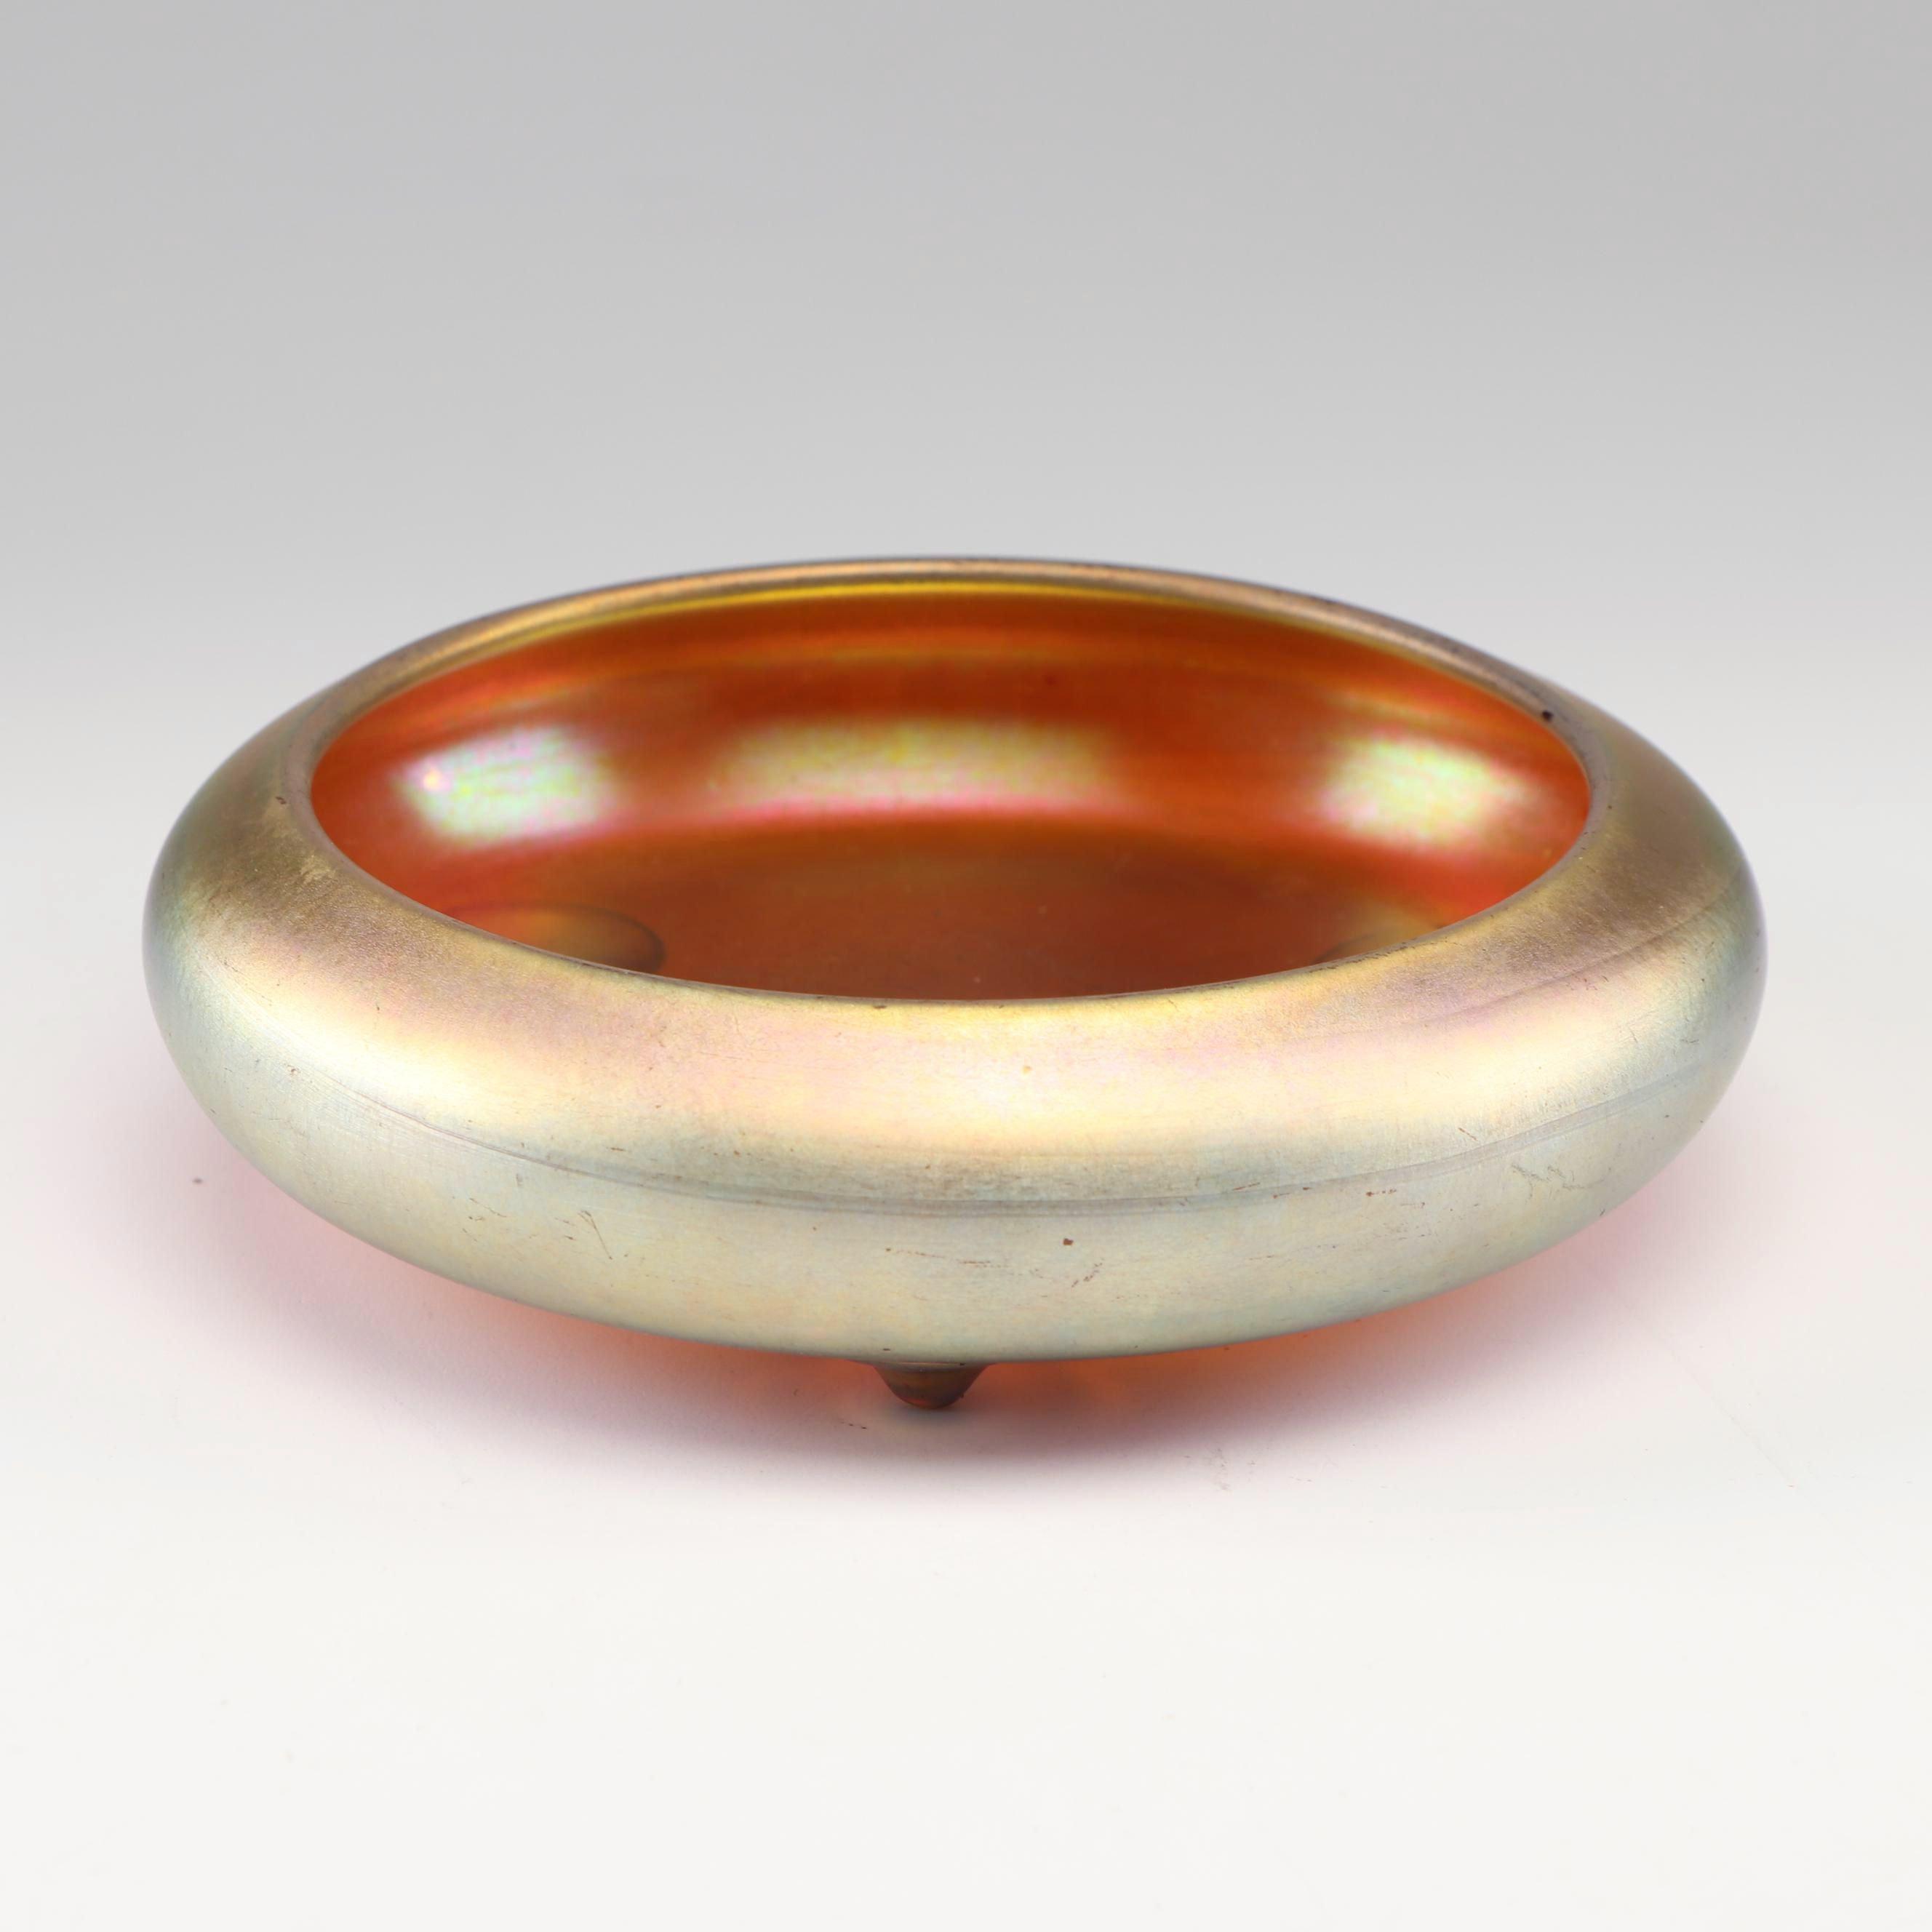 Steuben Gold Aurene Glass Centerpiece Bowl, circa 1900